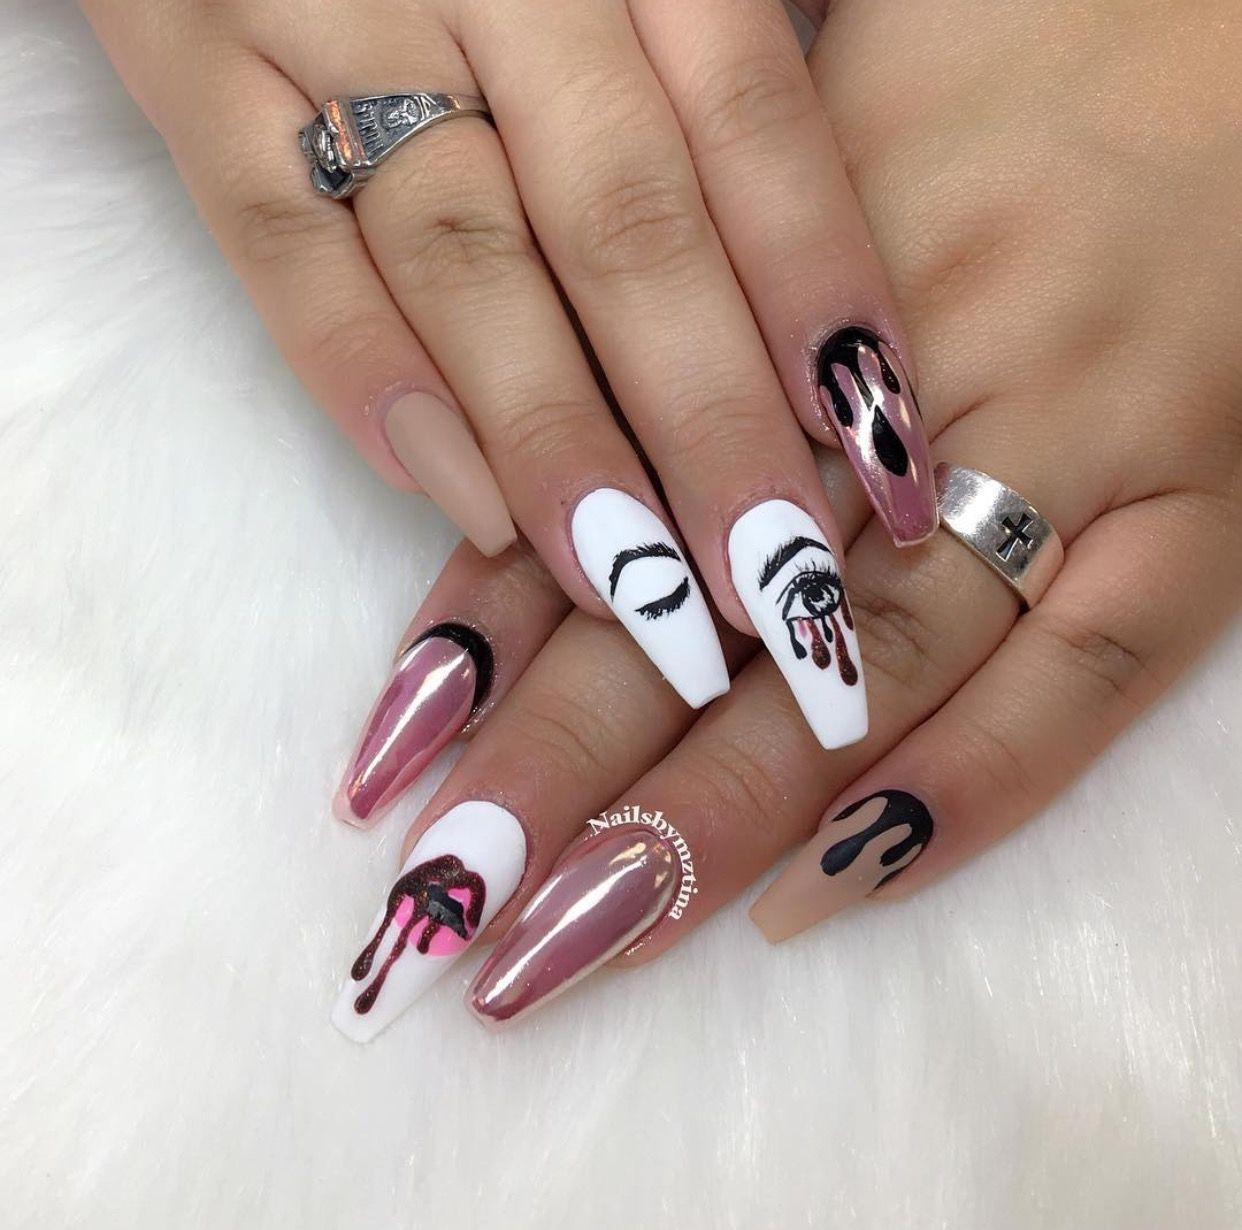 ✨ᖴOᒪᒪOᗯ @🌈𝔾𝕝𝕒𝕞𝕠𝕦𝕣 ℕ𝕒𝕚𝕝𝕤🌈 ᖴOᖇ ᗪᗩIᒪY ᑎᗩIᒪ ᗪEᔕIGᑎ ᑭIᑎᔕ✨ Long Nail  Designs - Pin By Ceola Johnson On Nails Nails, Nail Designs, Acrylic Nails